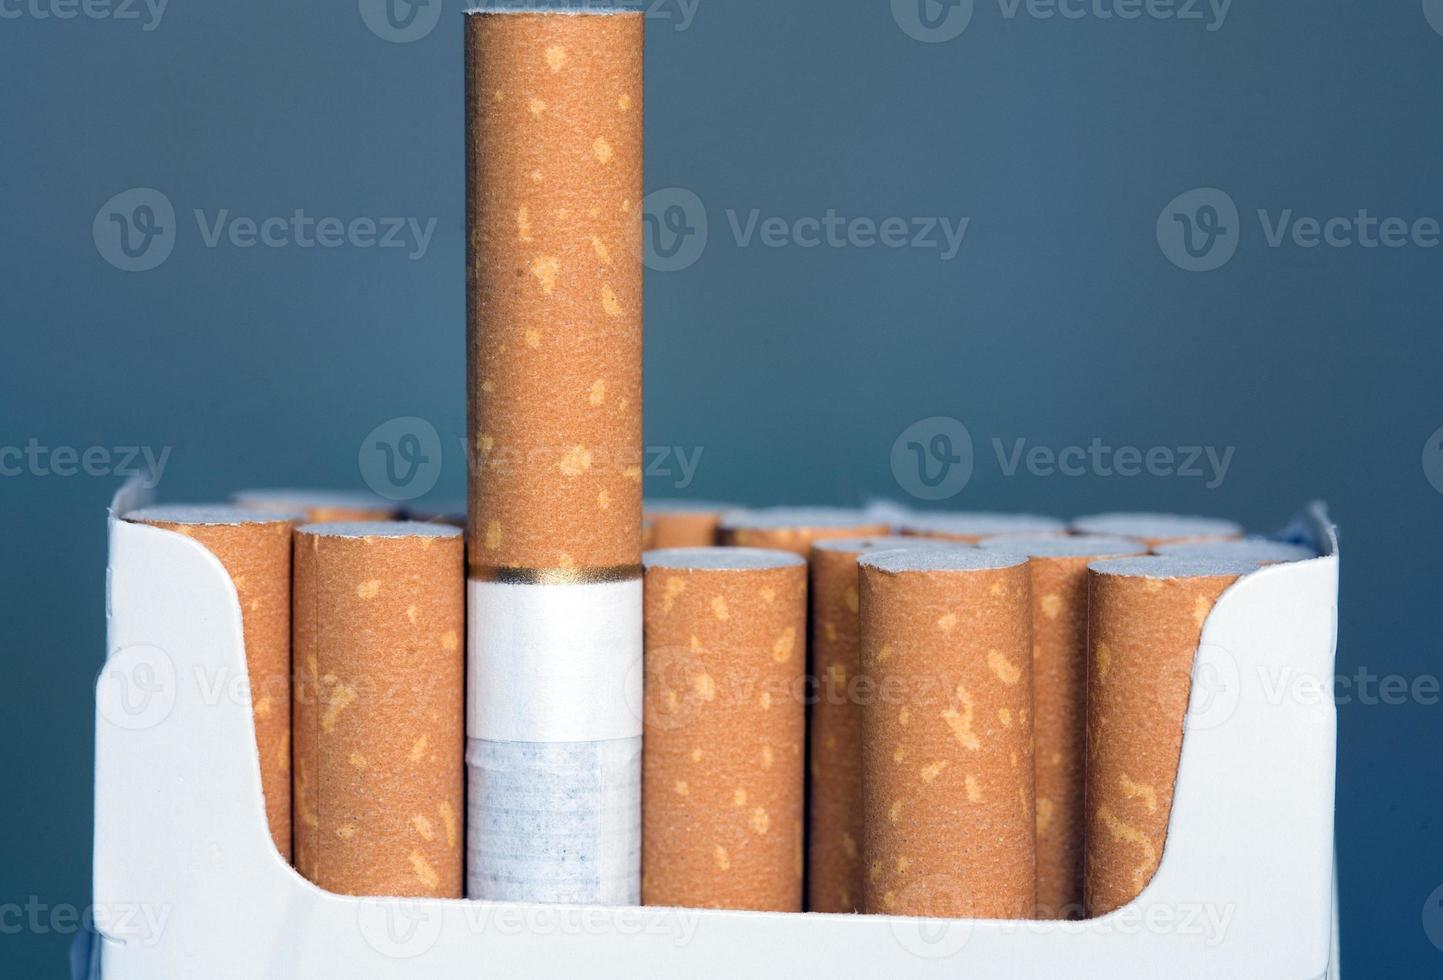 pacchetto di sigarette con filtri da vicino foto